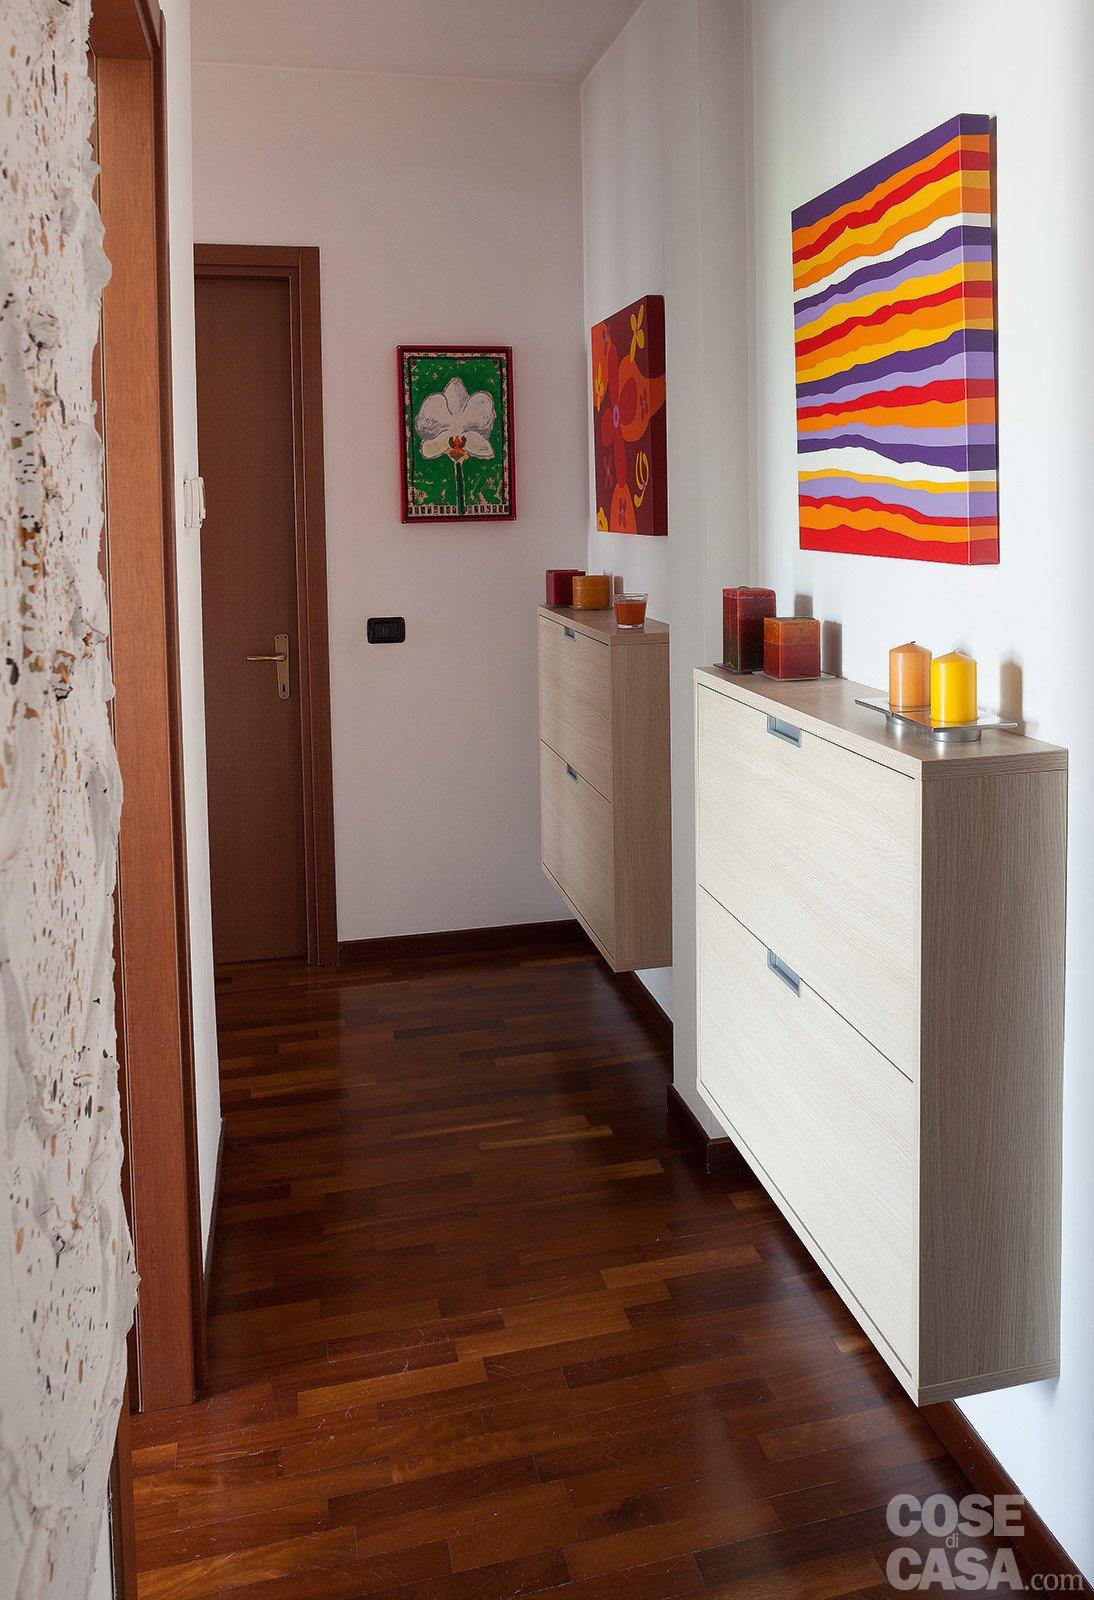 Una casa formato famiglia cose di casa for Immagini mobili